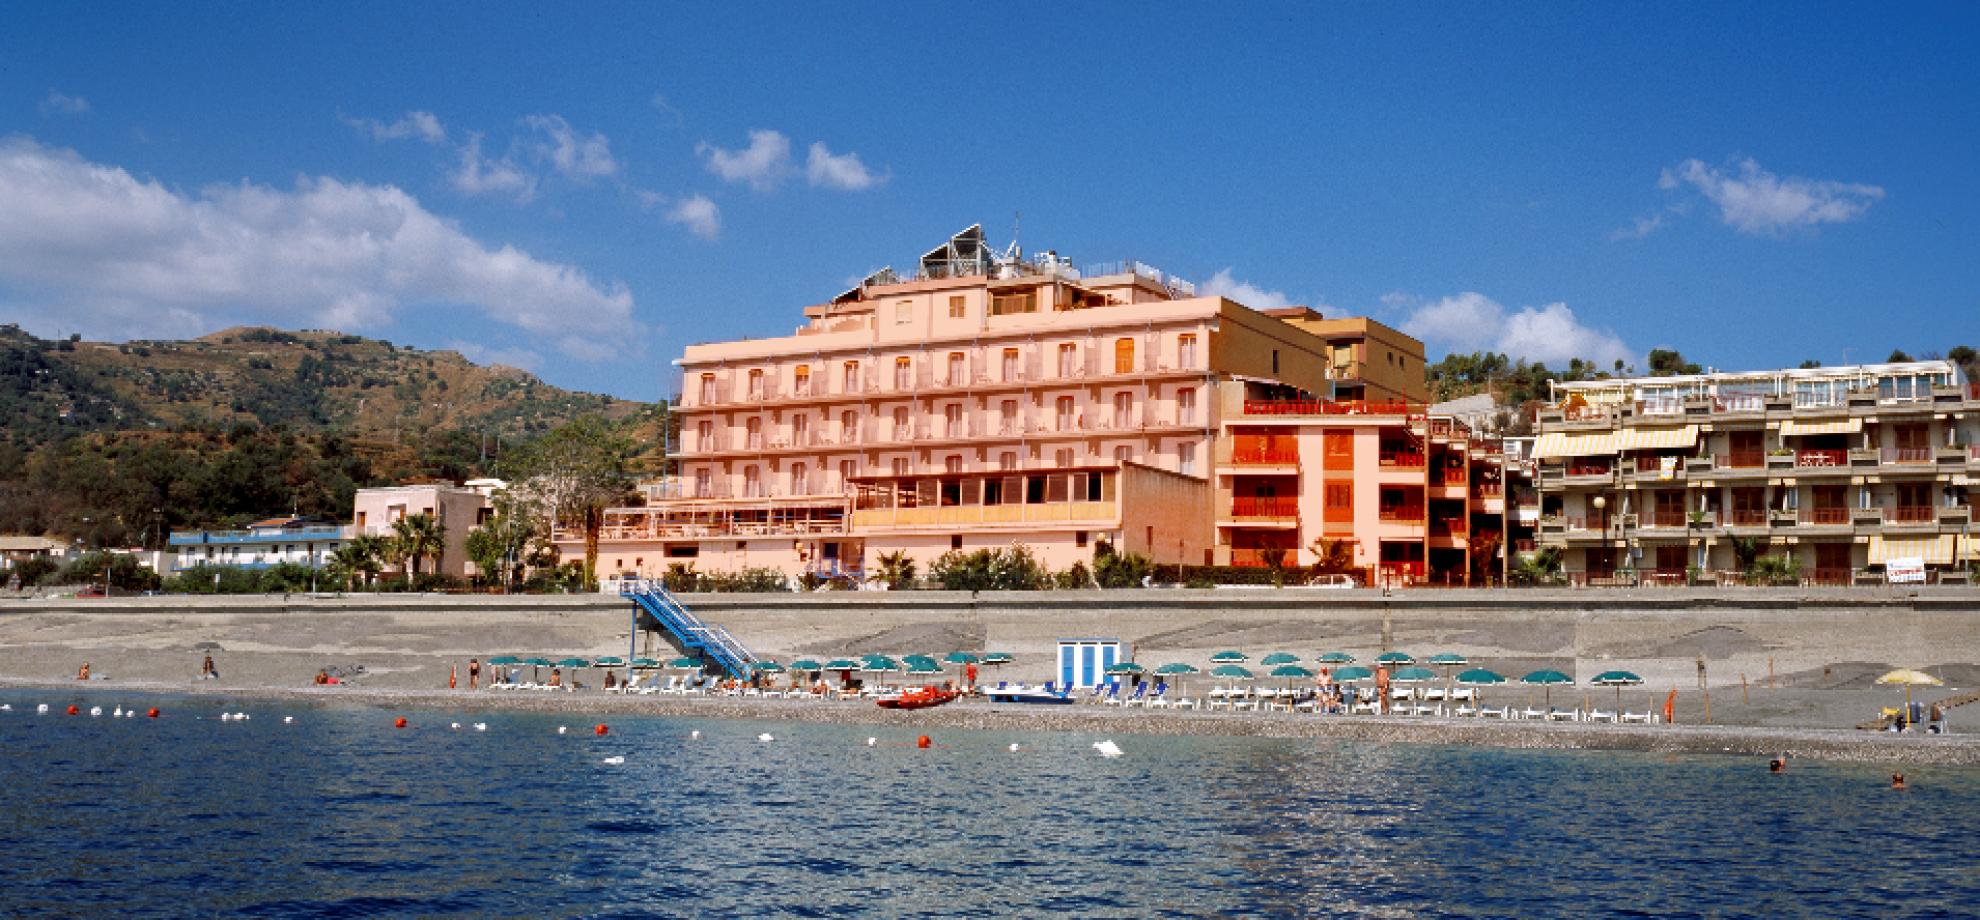 Hotel Kennedy - Hotel, Sant'Alessio Siculo